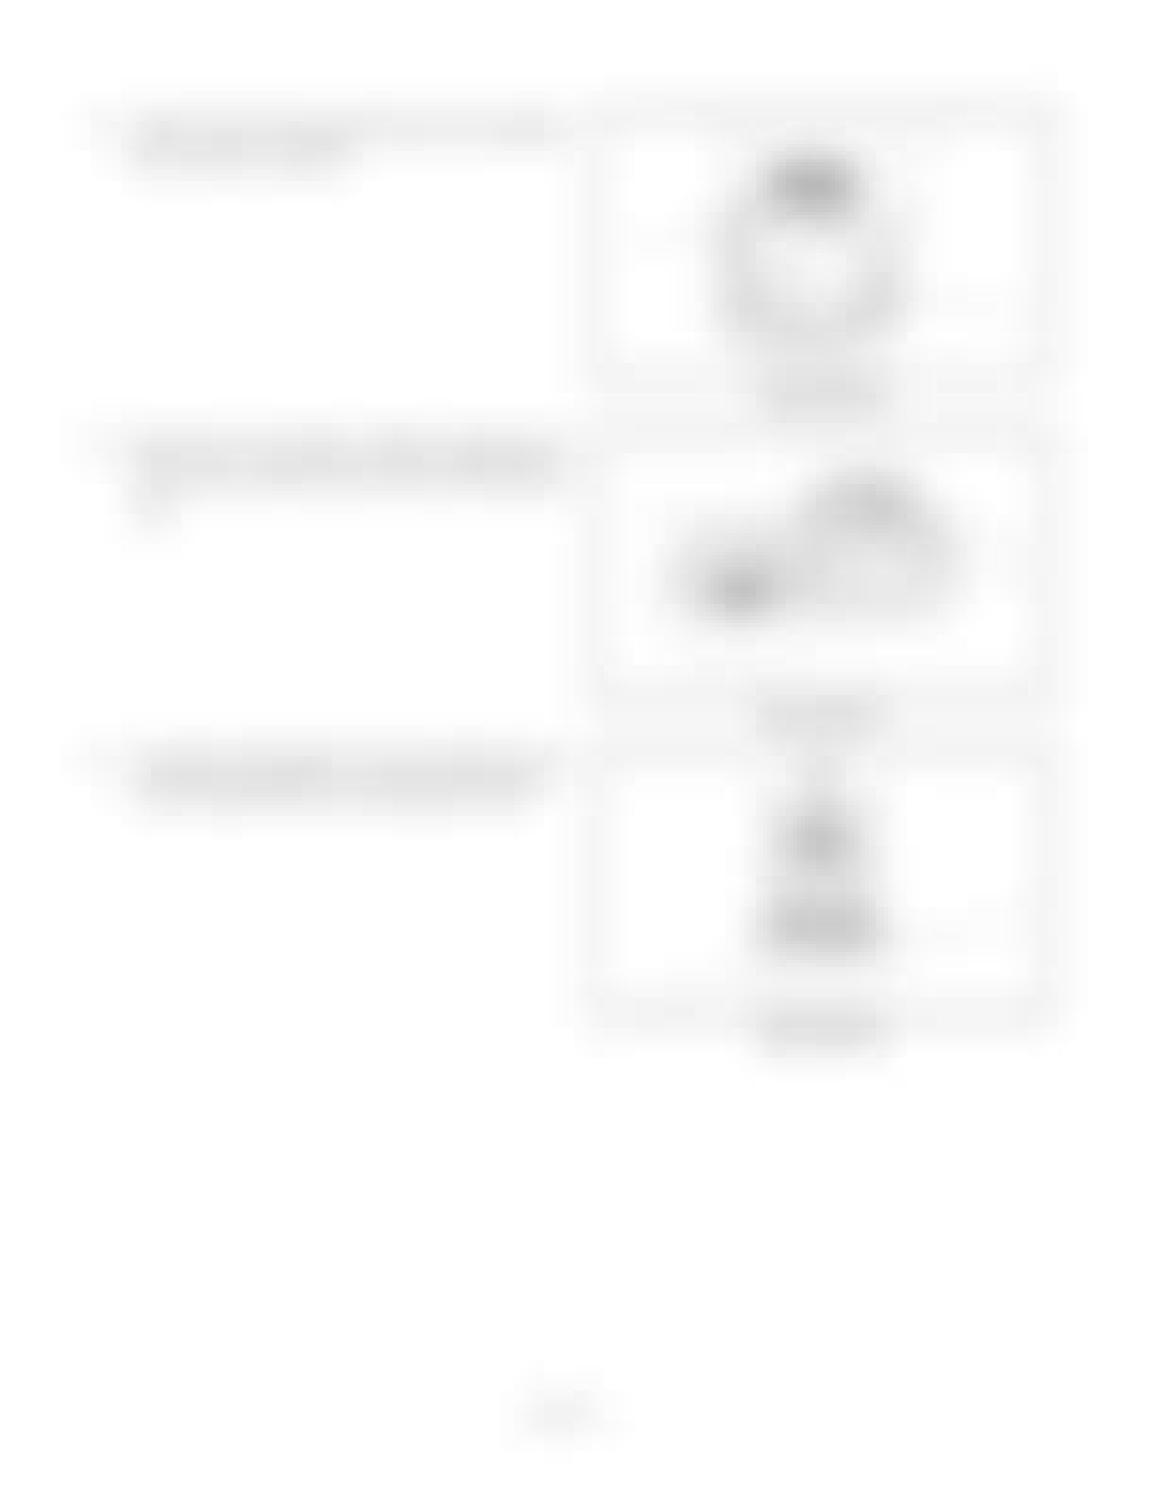 Hitachi LX110-7 LX130-7 LX160-7 LX190-7 LX230-7 Wheel Loader Workshop Manual - PDF DOWNLOAD page 230